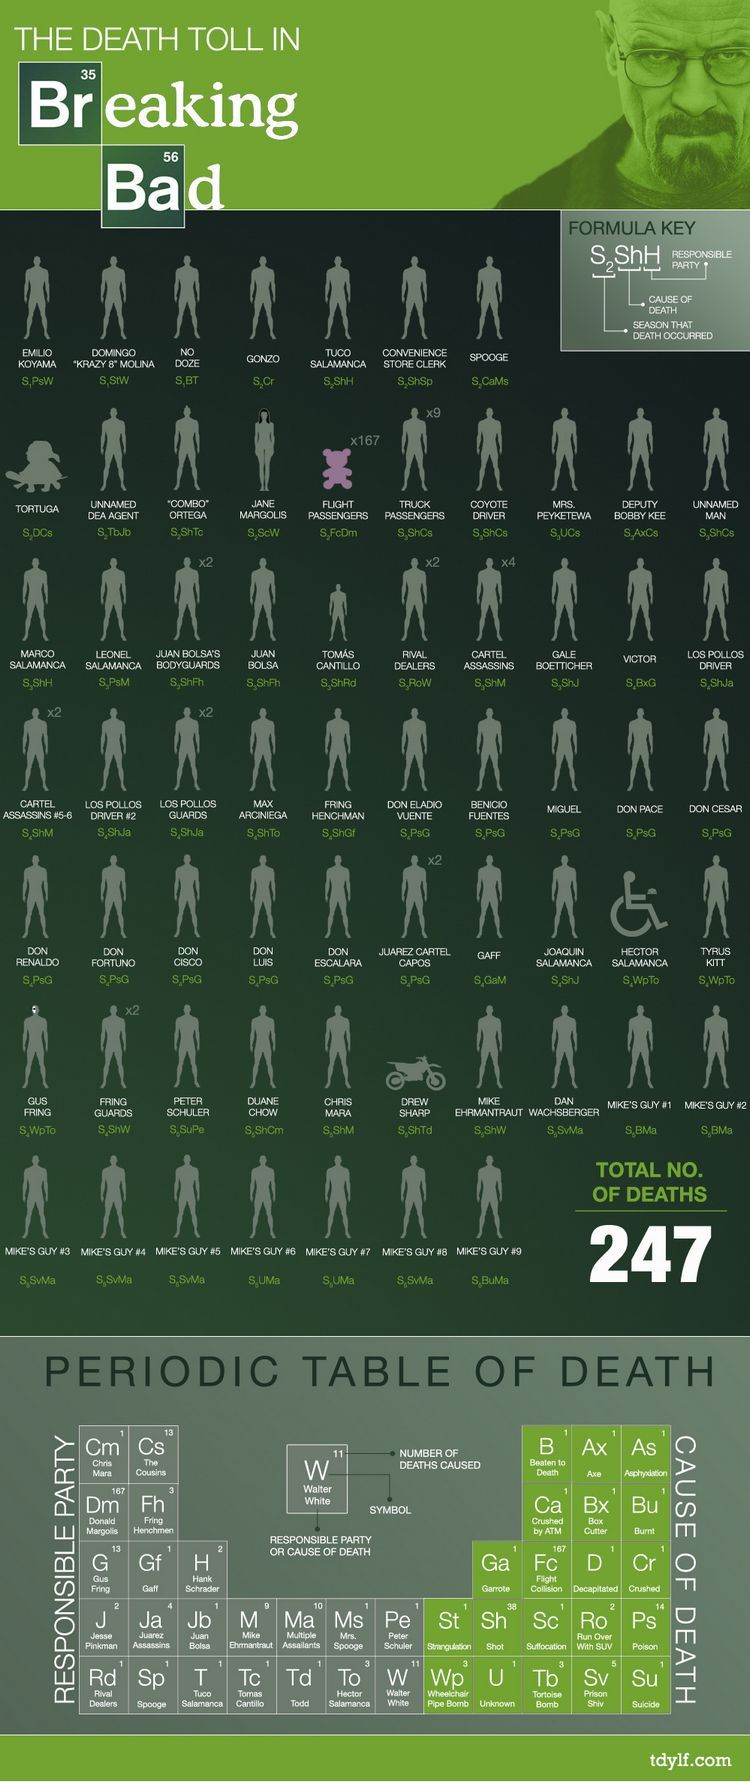 La tabla peridica de mortalidad en breaking bad fan art breaking bad periodic table of death urtaz Image collections